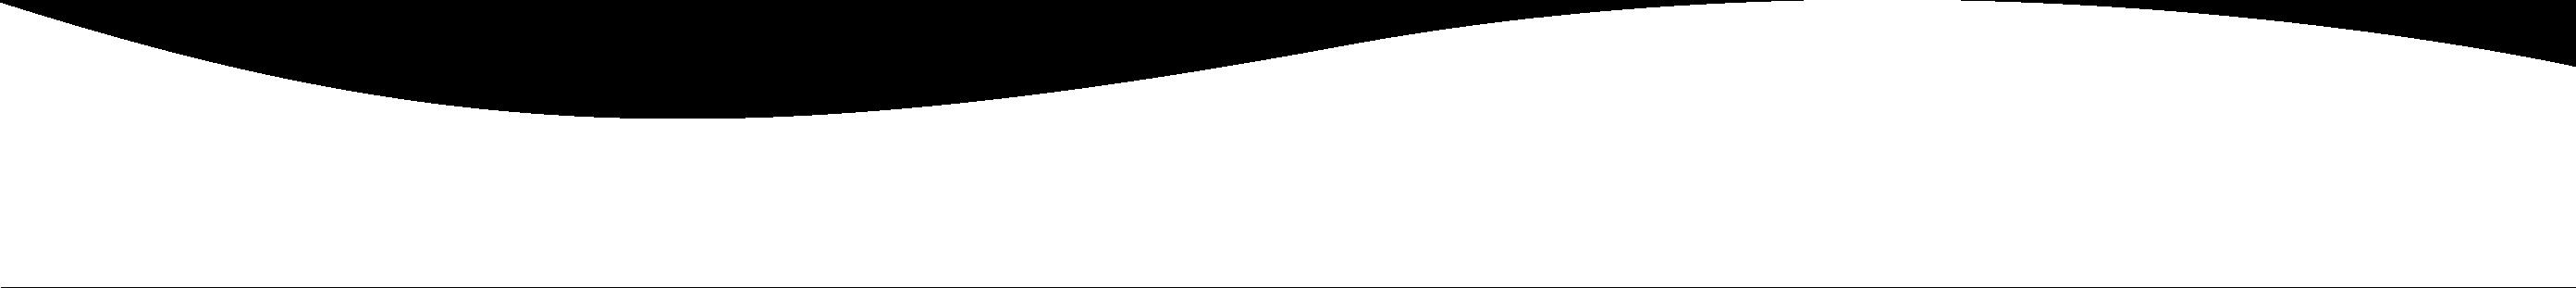 bottom curve shape-Aug-27-2021-09-10-04-18-PM